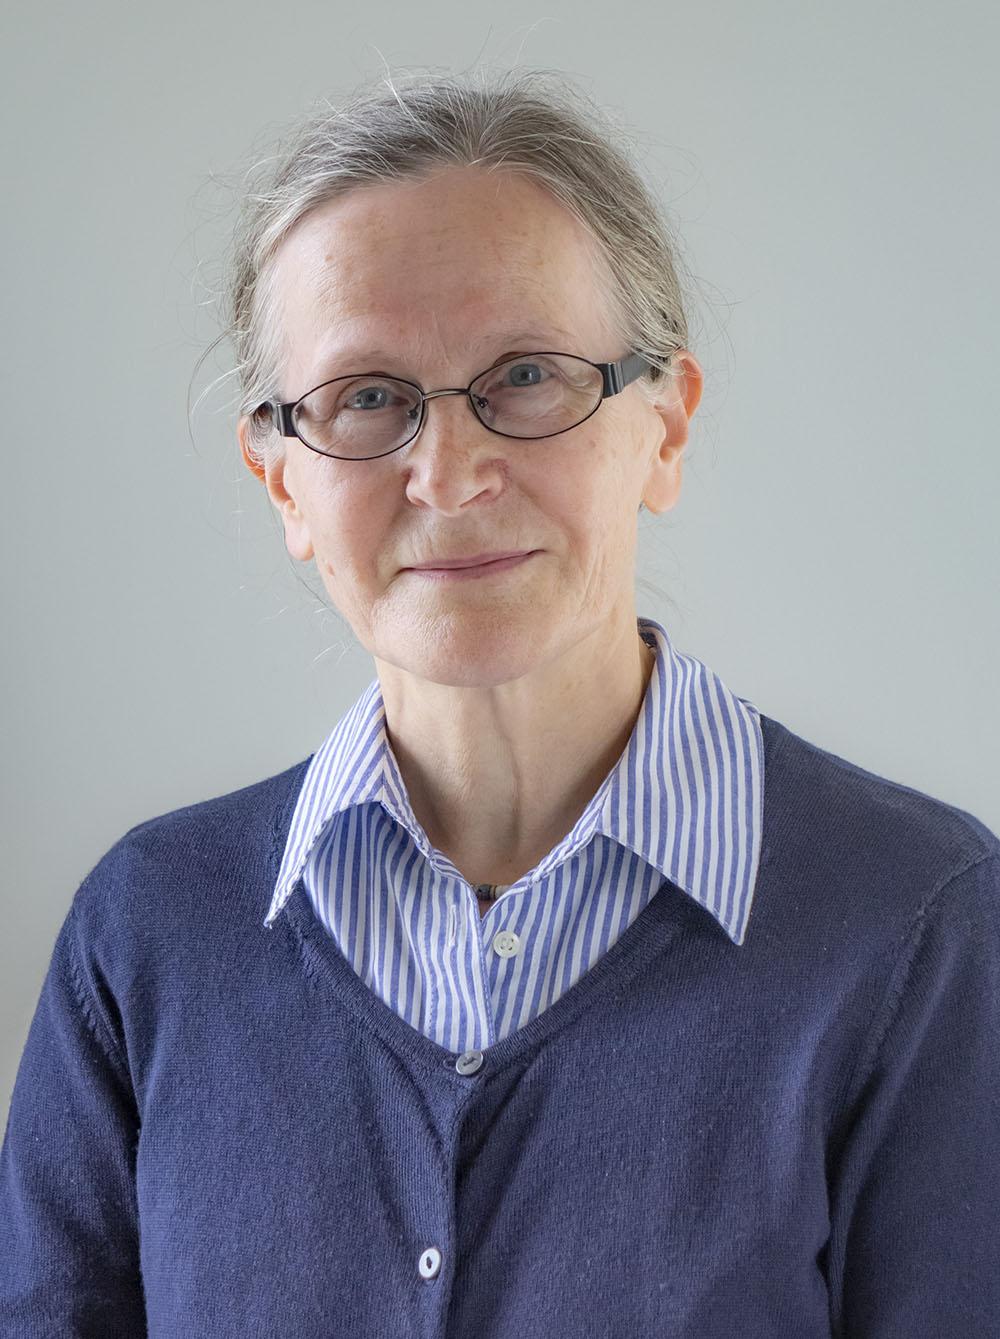 Biografiförfattaren Sigbritt Backman